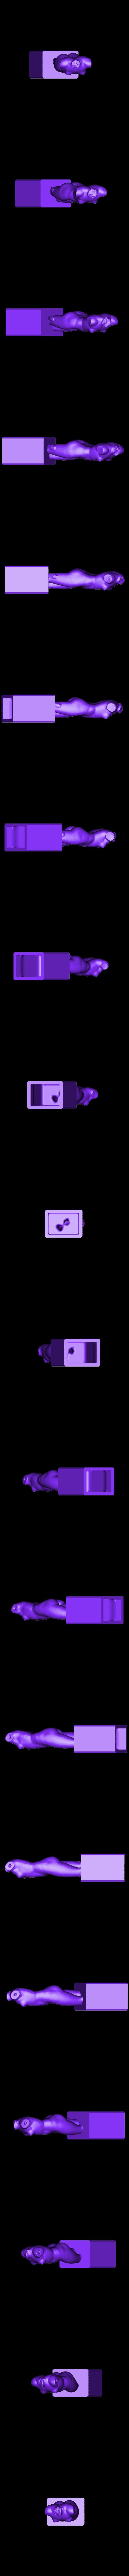 20121008_Torso_Esquiline_by_Cosmo_Wenman_HOLLOW.stl Télécharger fichier STL gratuit Torse féminin, type Esquilin • Modèle imprimable en 3D, Ghashgar